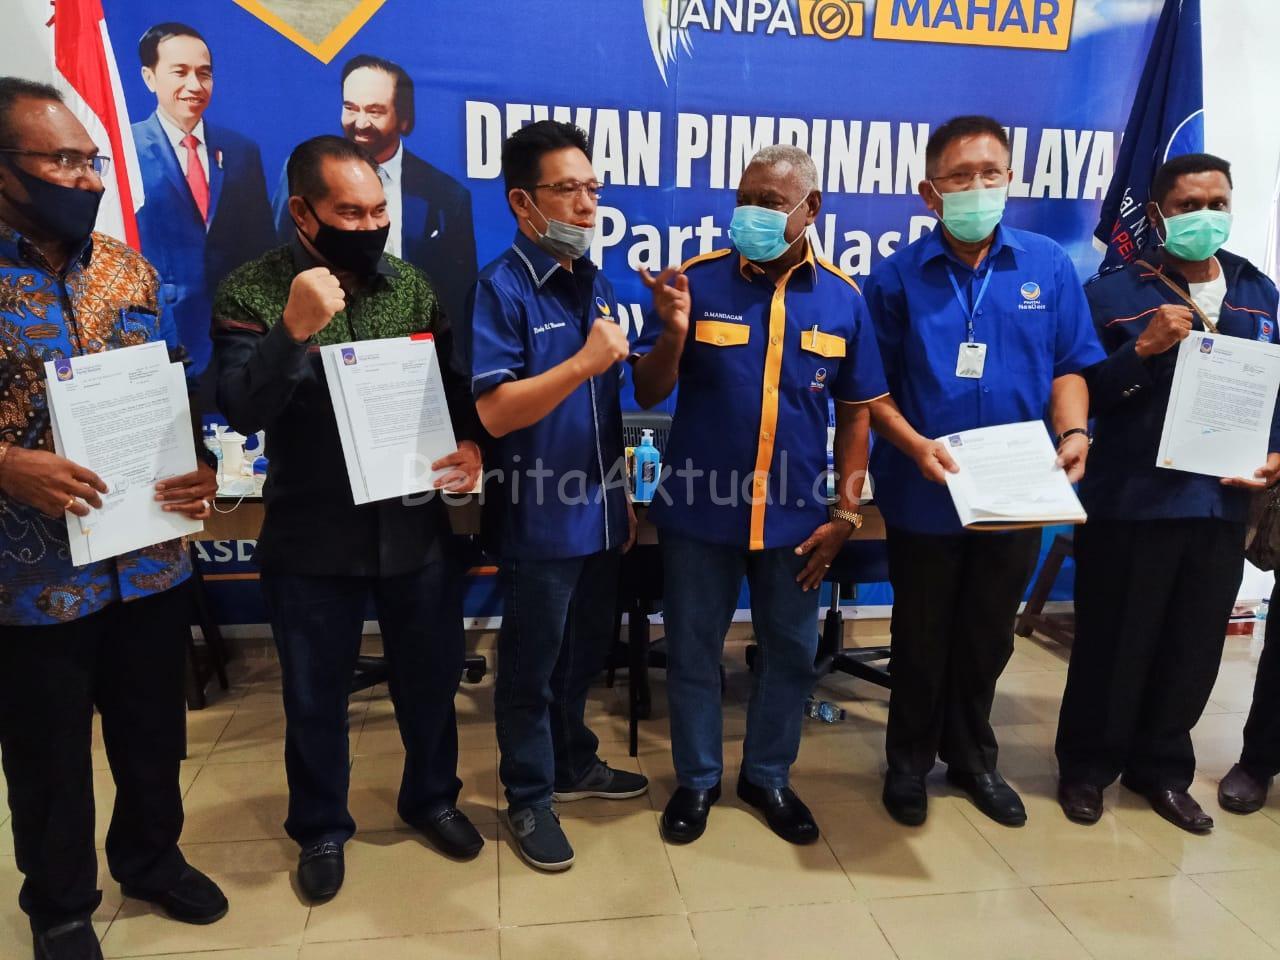 DPW Nasdem PB Beri Rekomendasi ke 5 Paslon Cabup-Cawabup Pilkada 2020 15 IMG 20200725 WA0081